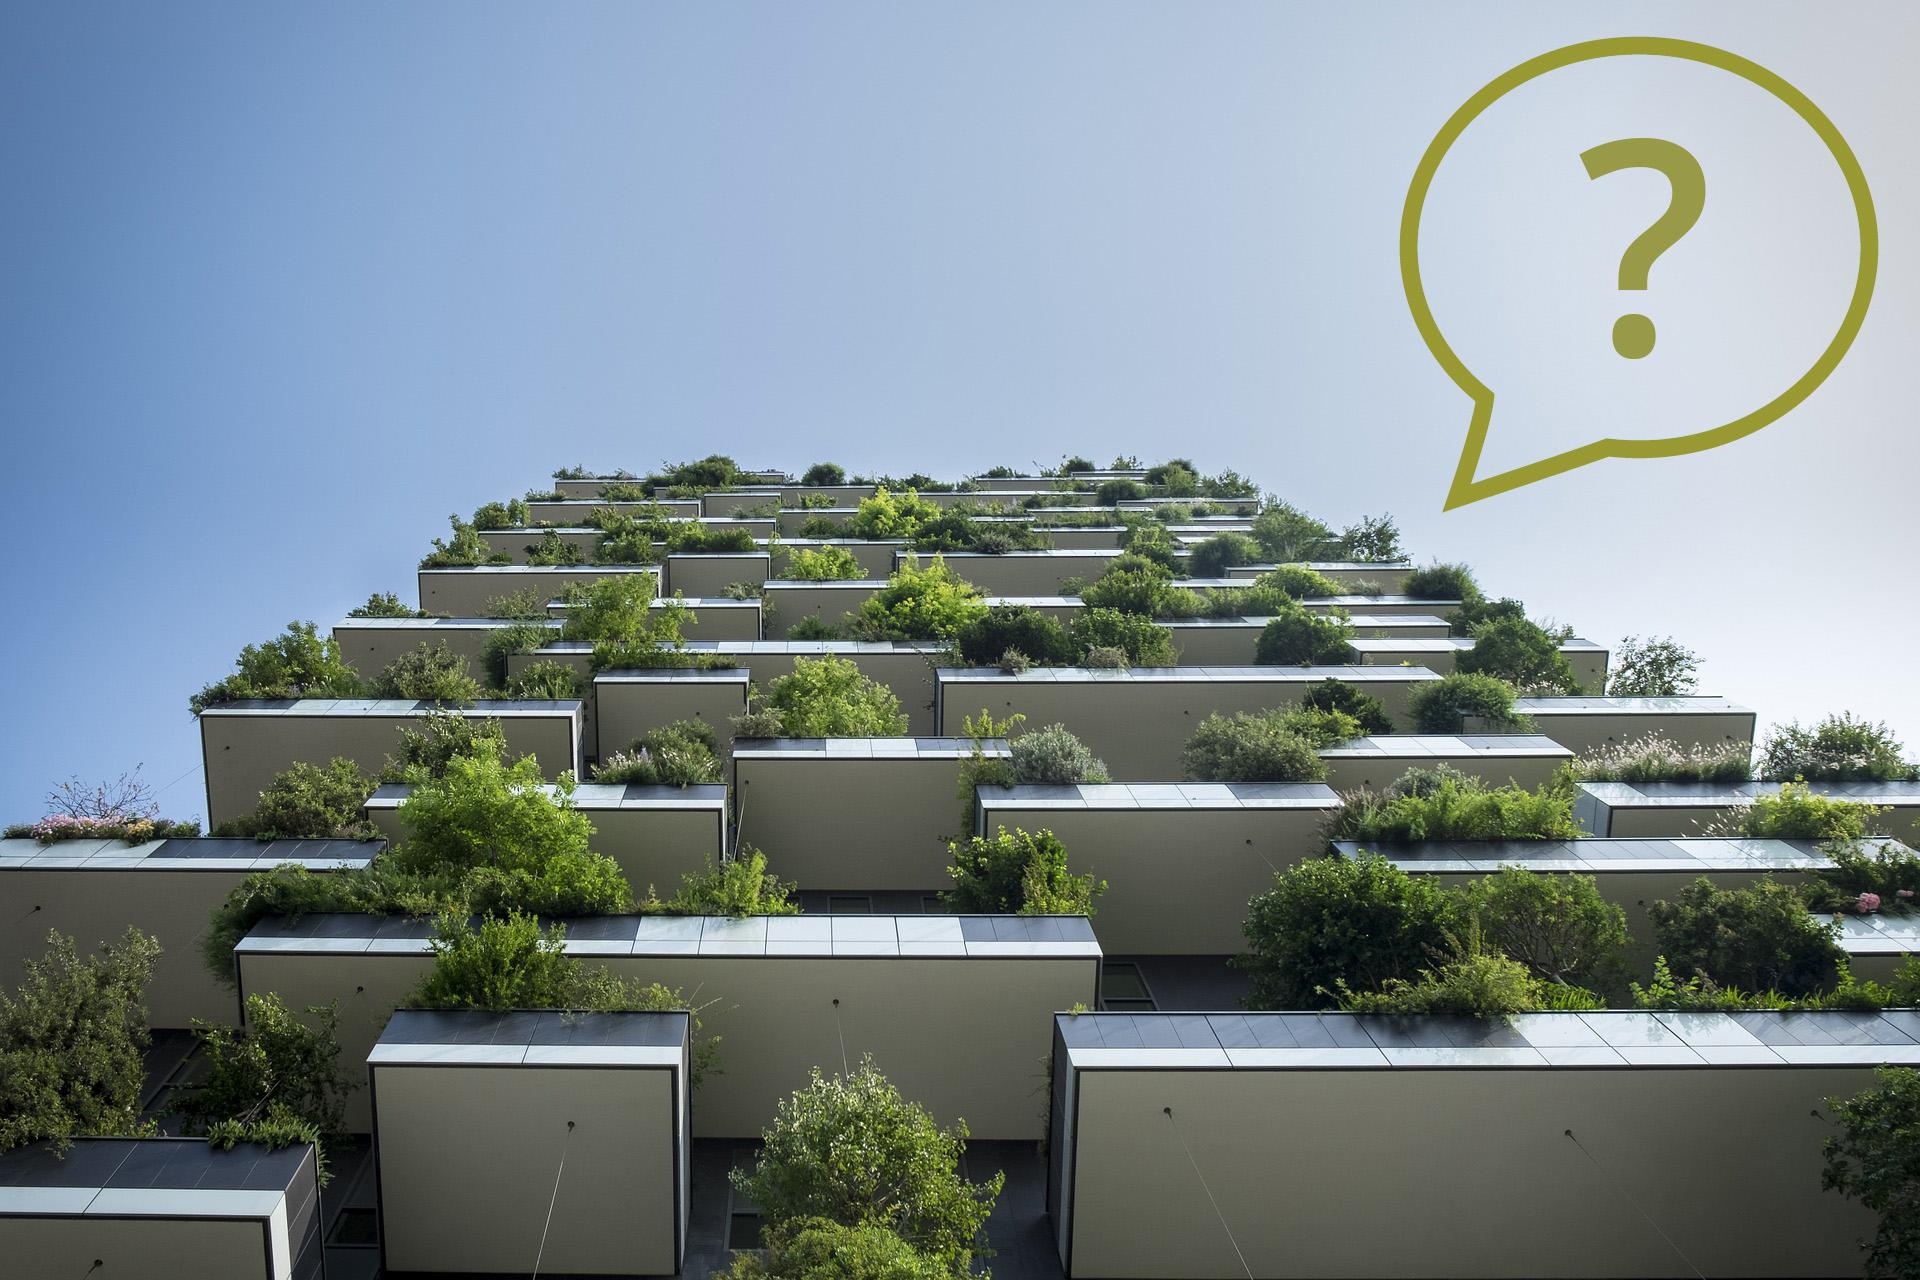 E' possibile cambiare la fascia delle unità immobiliari gestite con ReSys Condominio durante l'anno, prima della scadenza, per passare ad esempio da massimo 340 unità immobiliari a 1000?